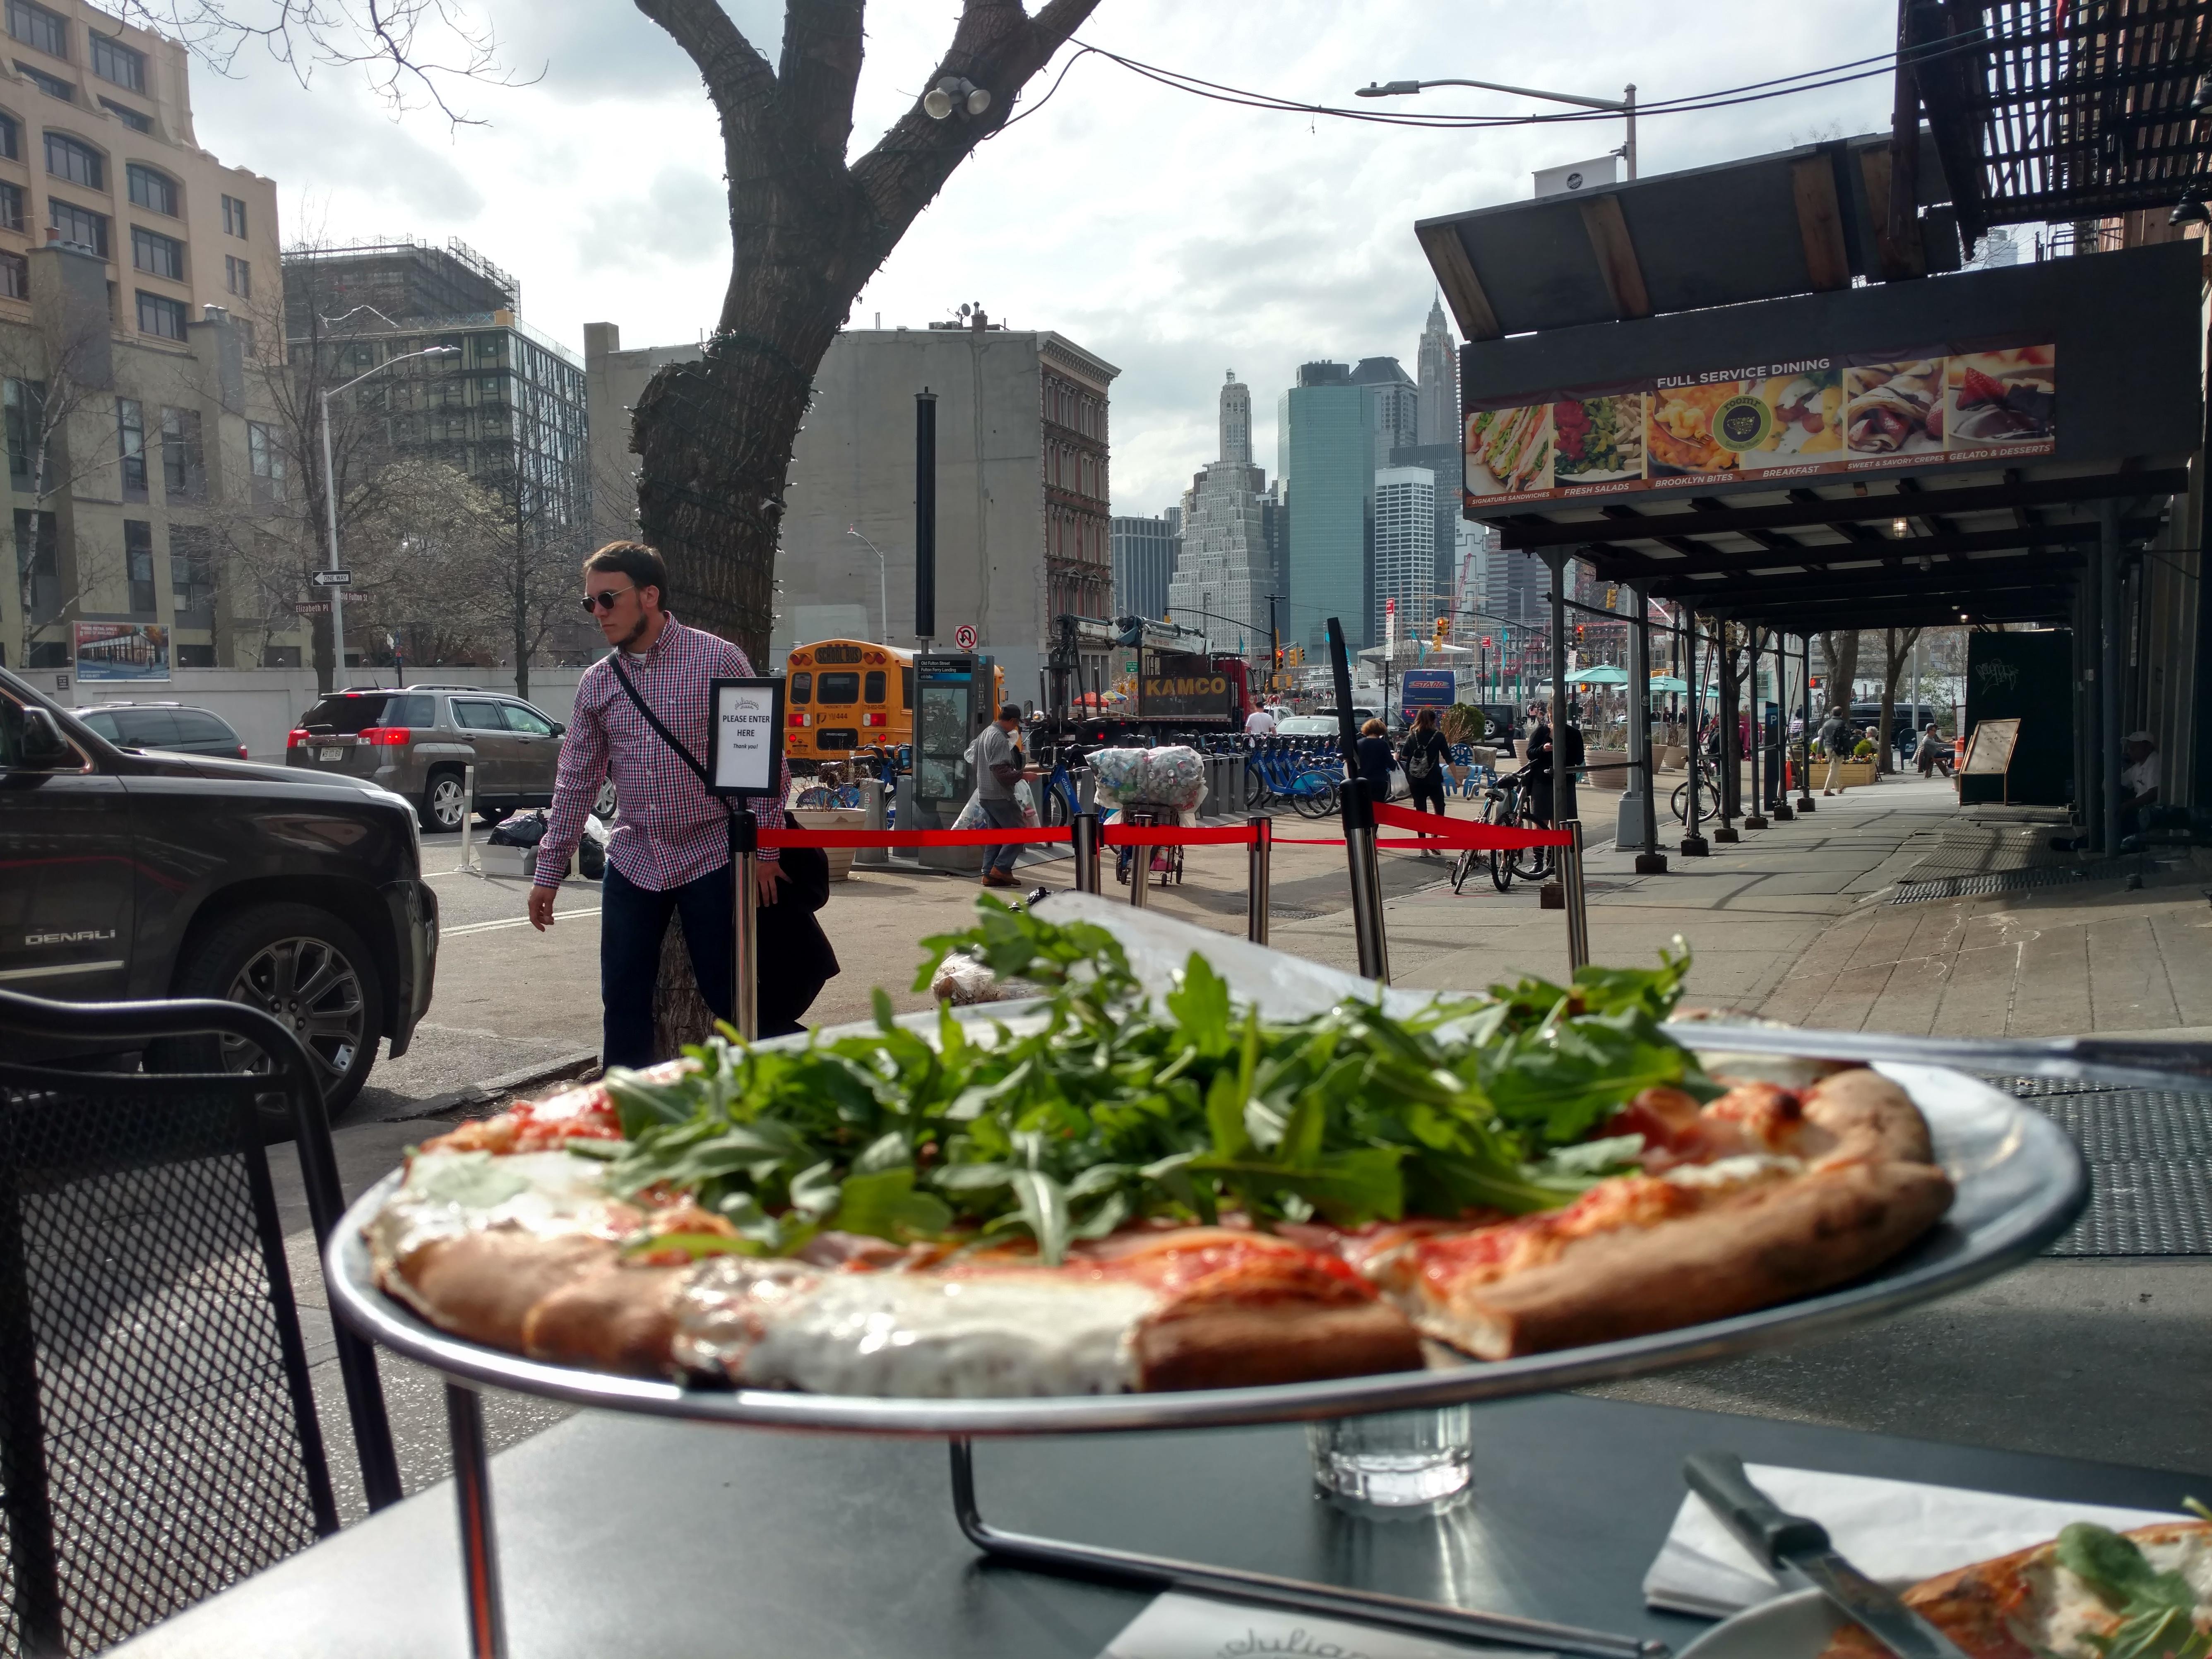 Julianna's meilleure pizza new york